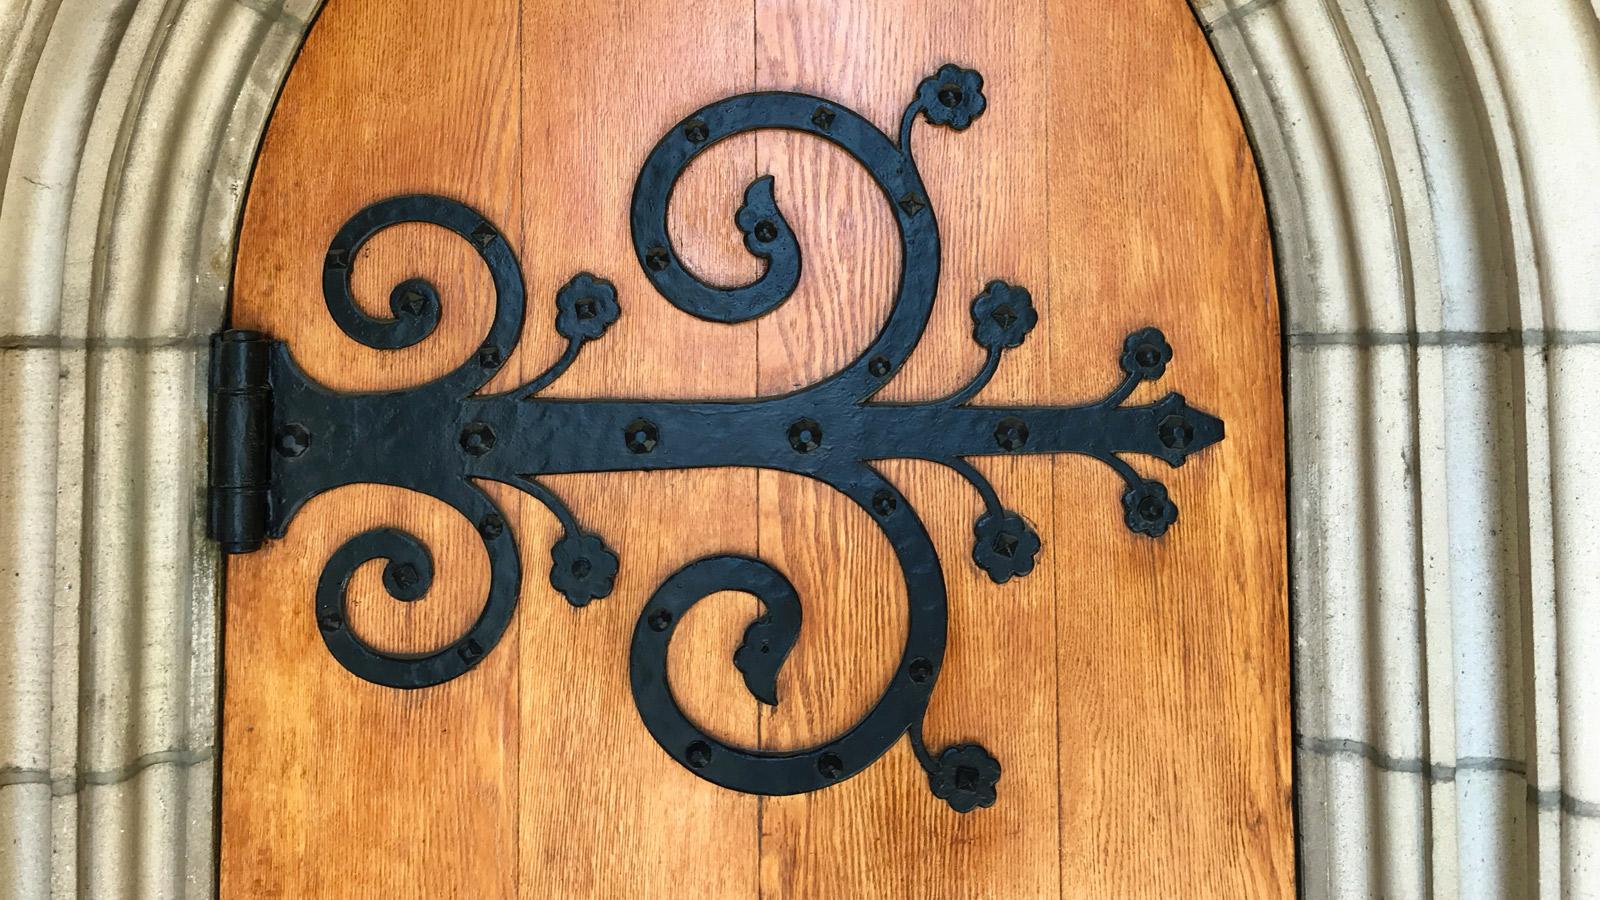 Image of scrolled iron door hinge on wooden door.